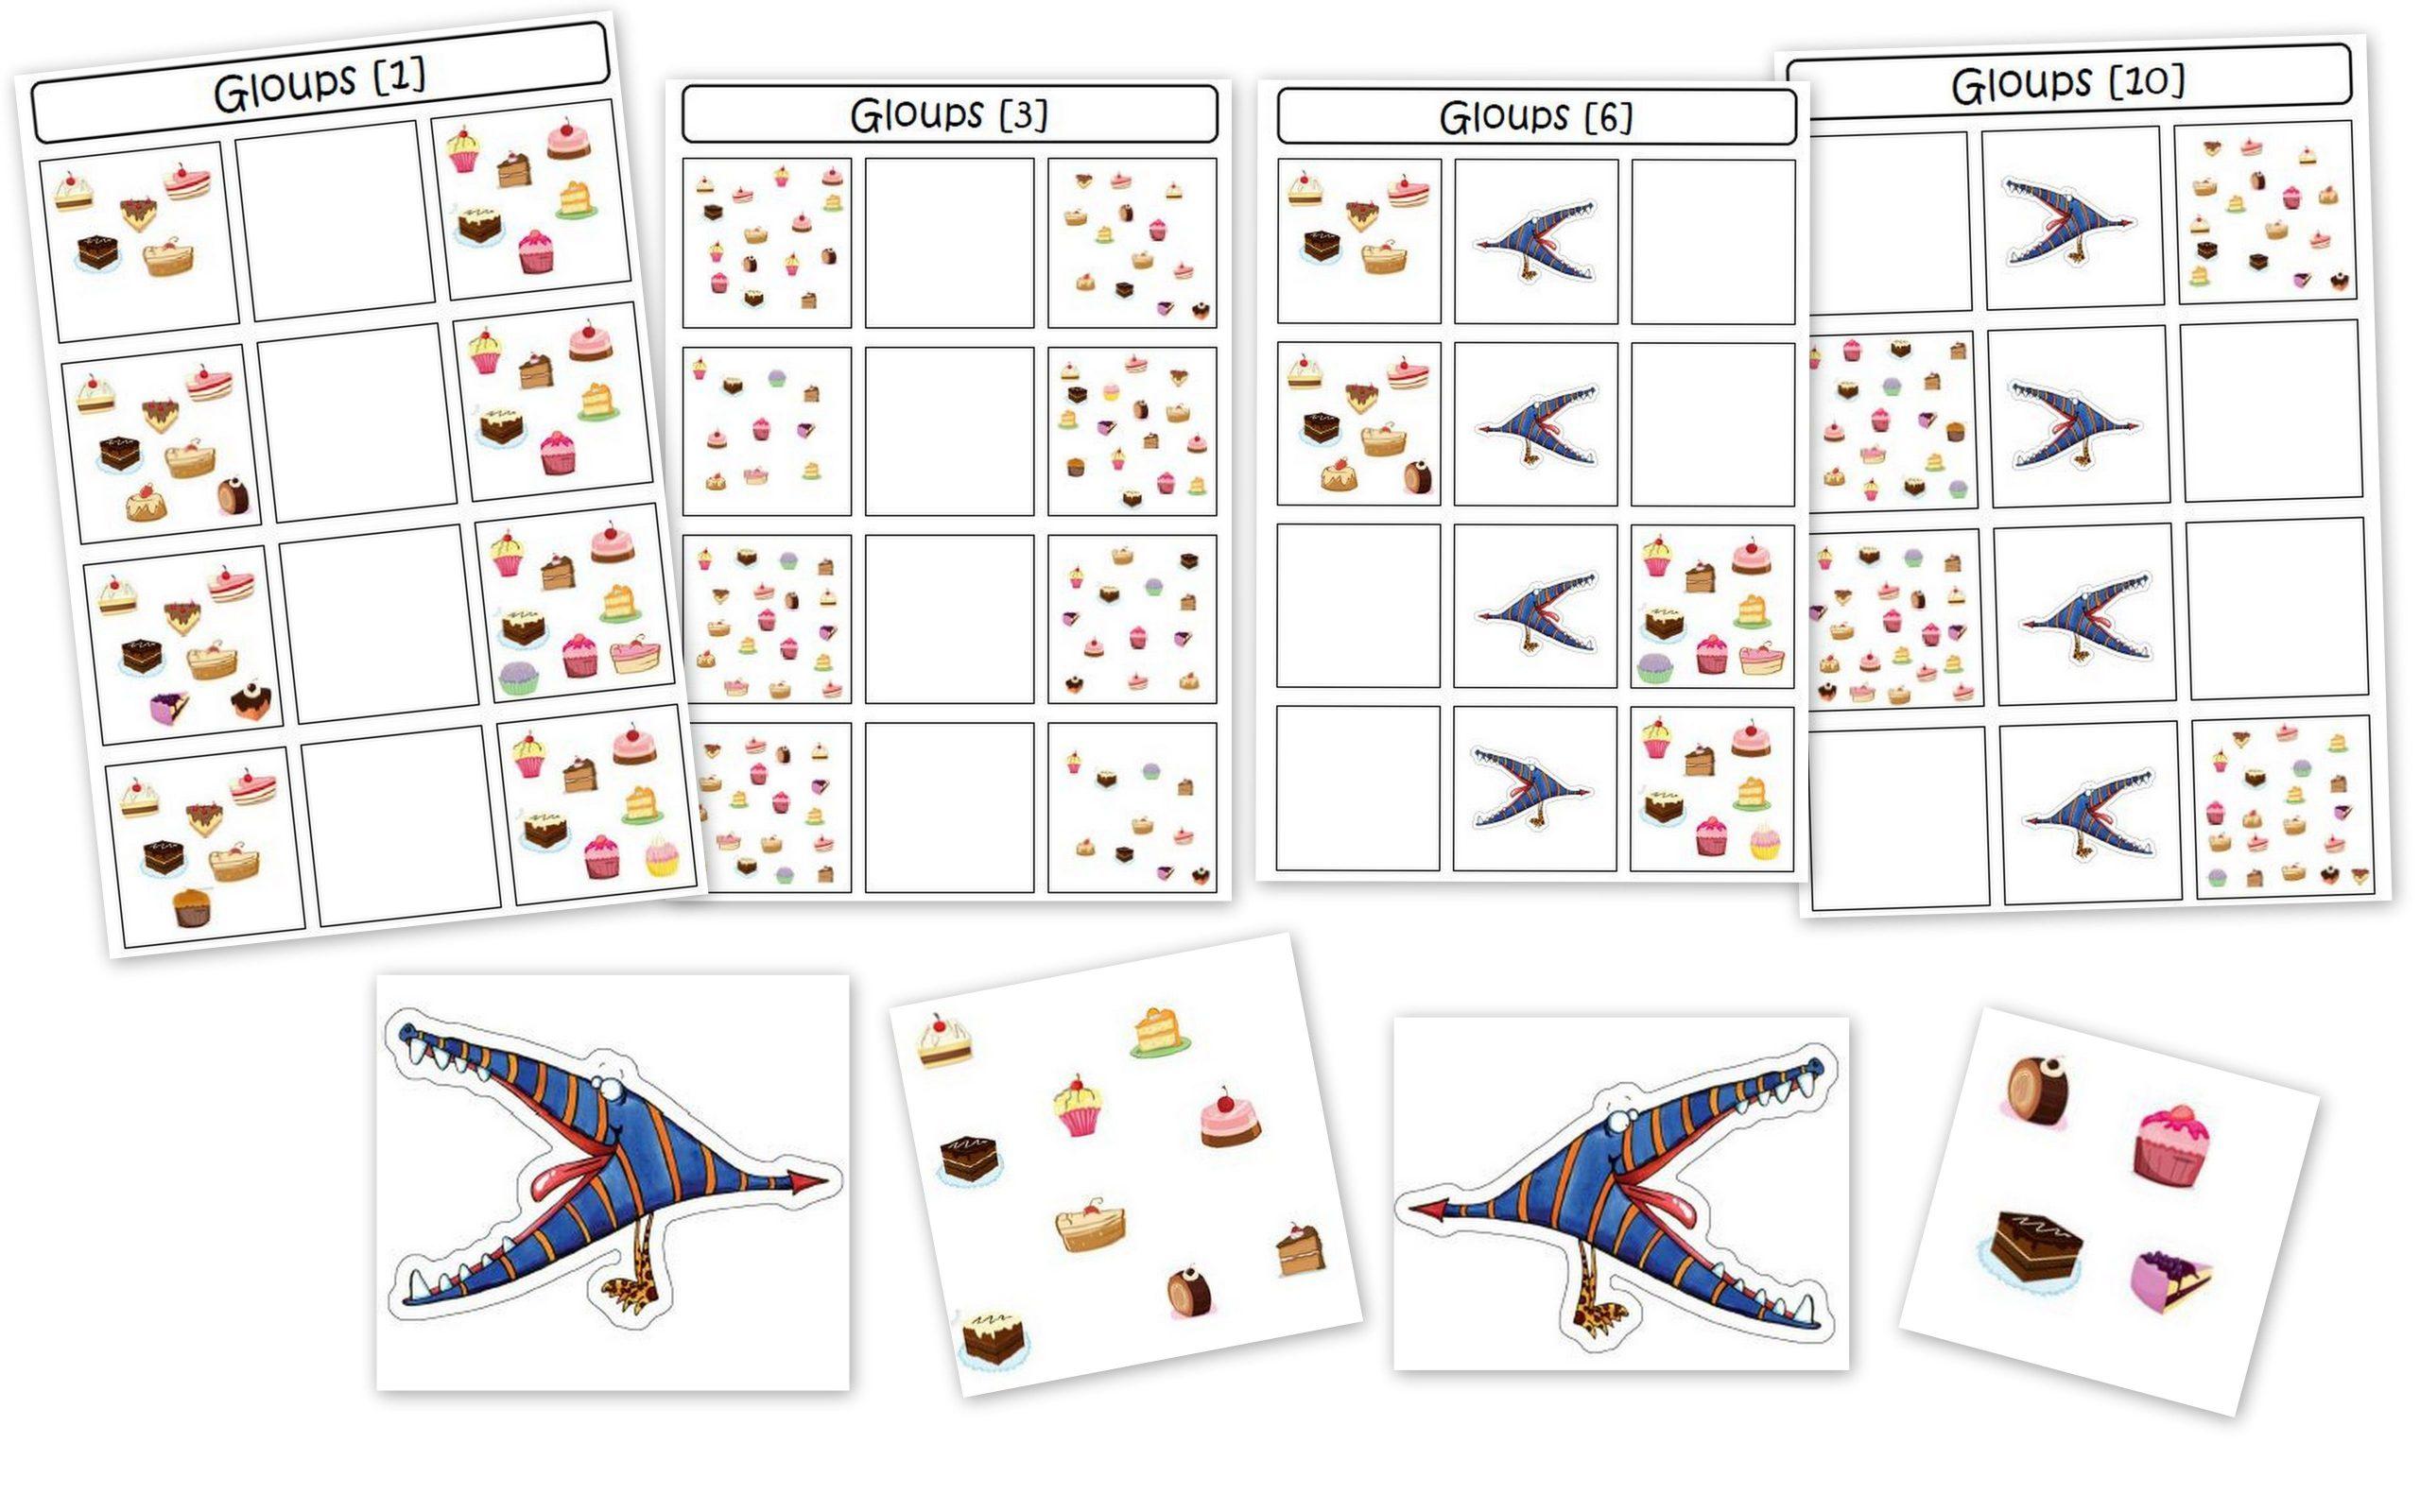 Comparer Les Nombres En Gs | Jeux Maths, Jeux tout Jeux Avec Des Nombres